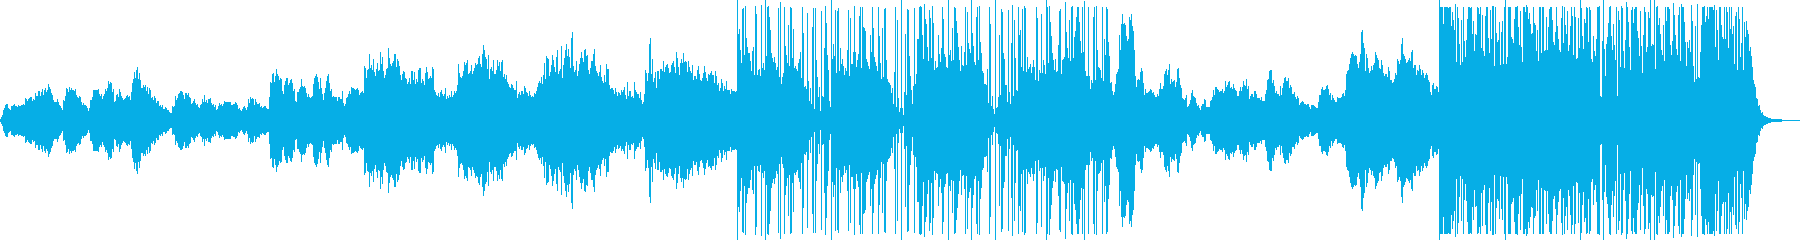 テクスチャードギター、奇妙なシンセ...の再生済みの波形